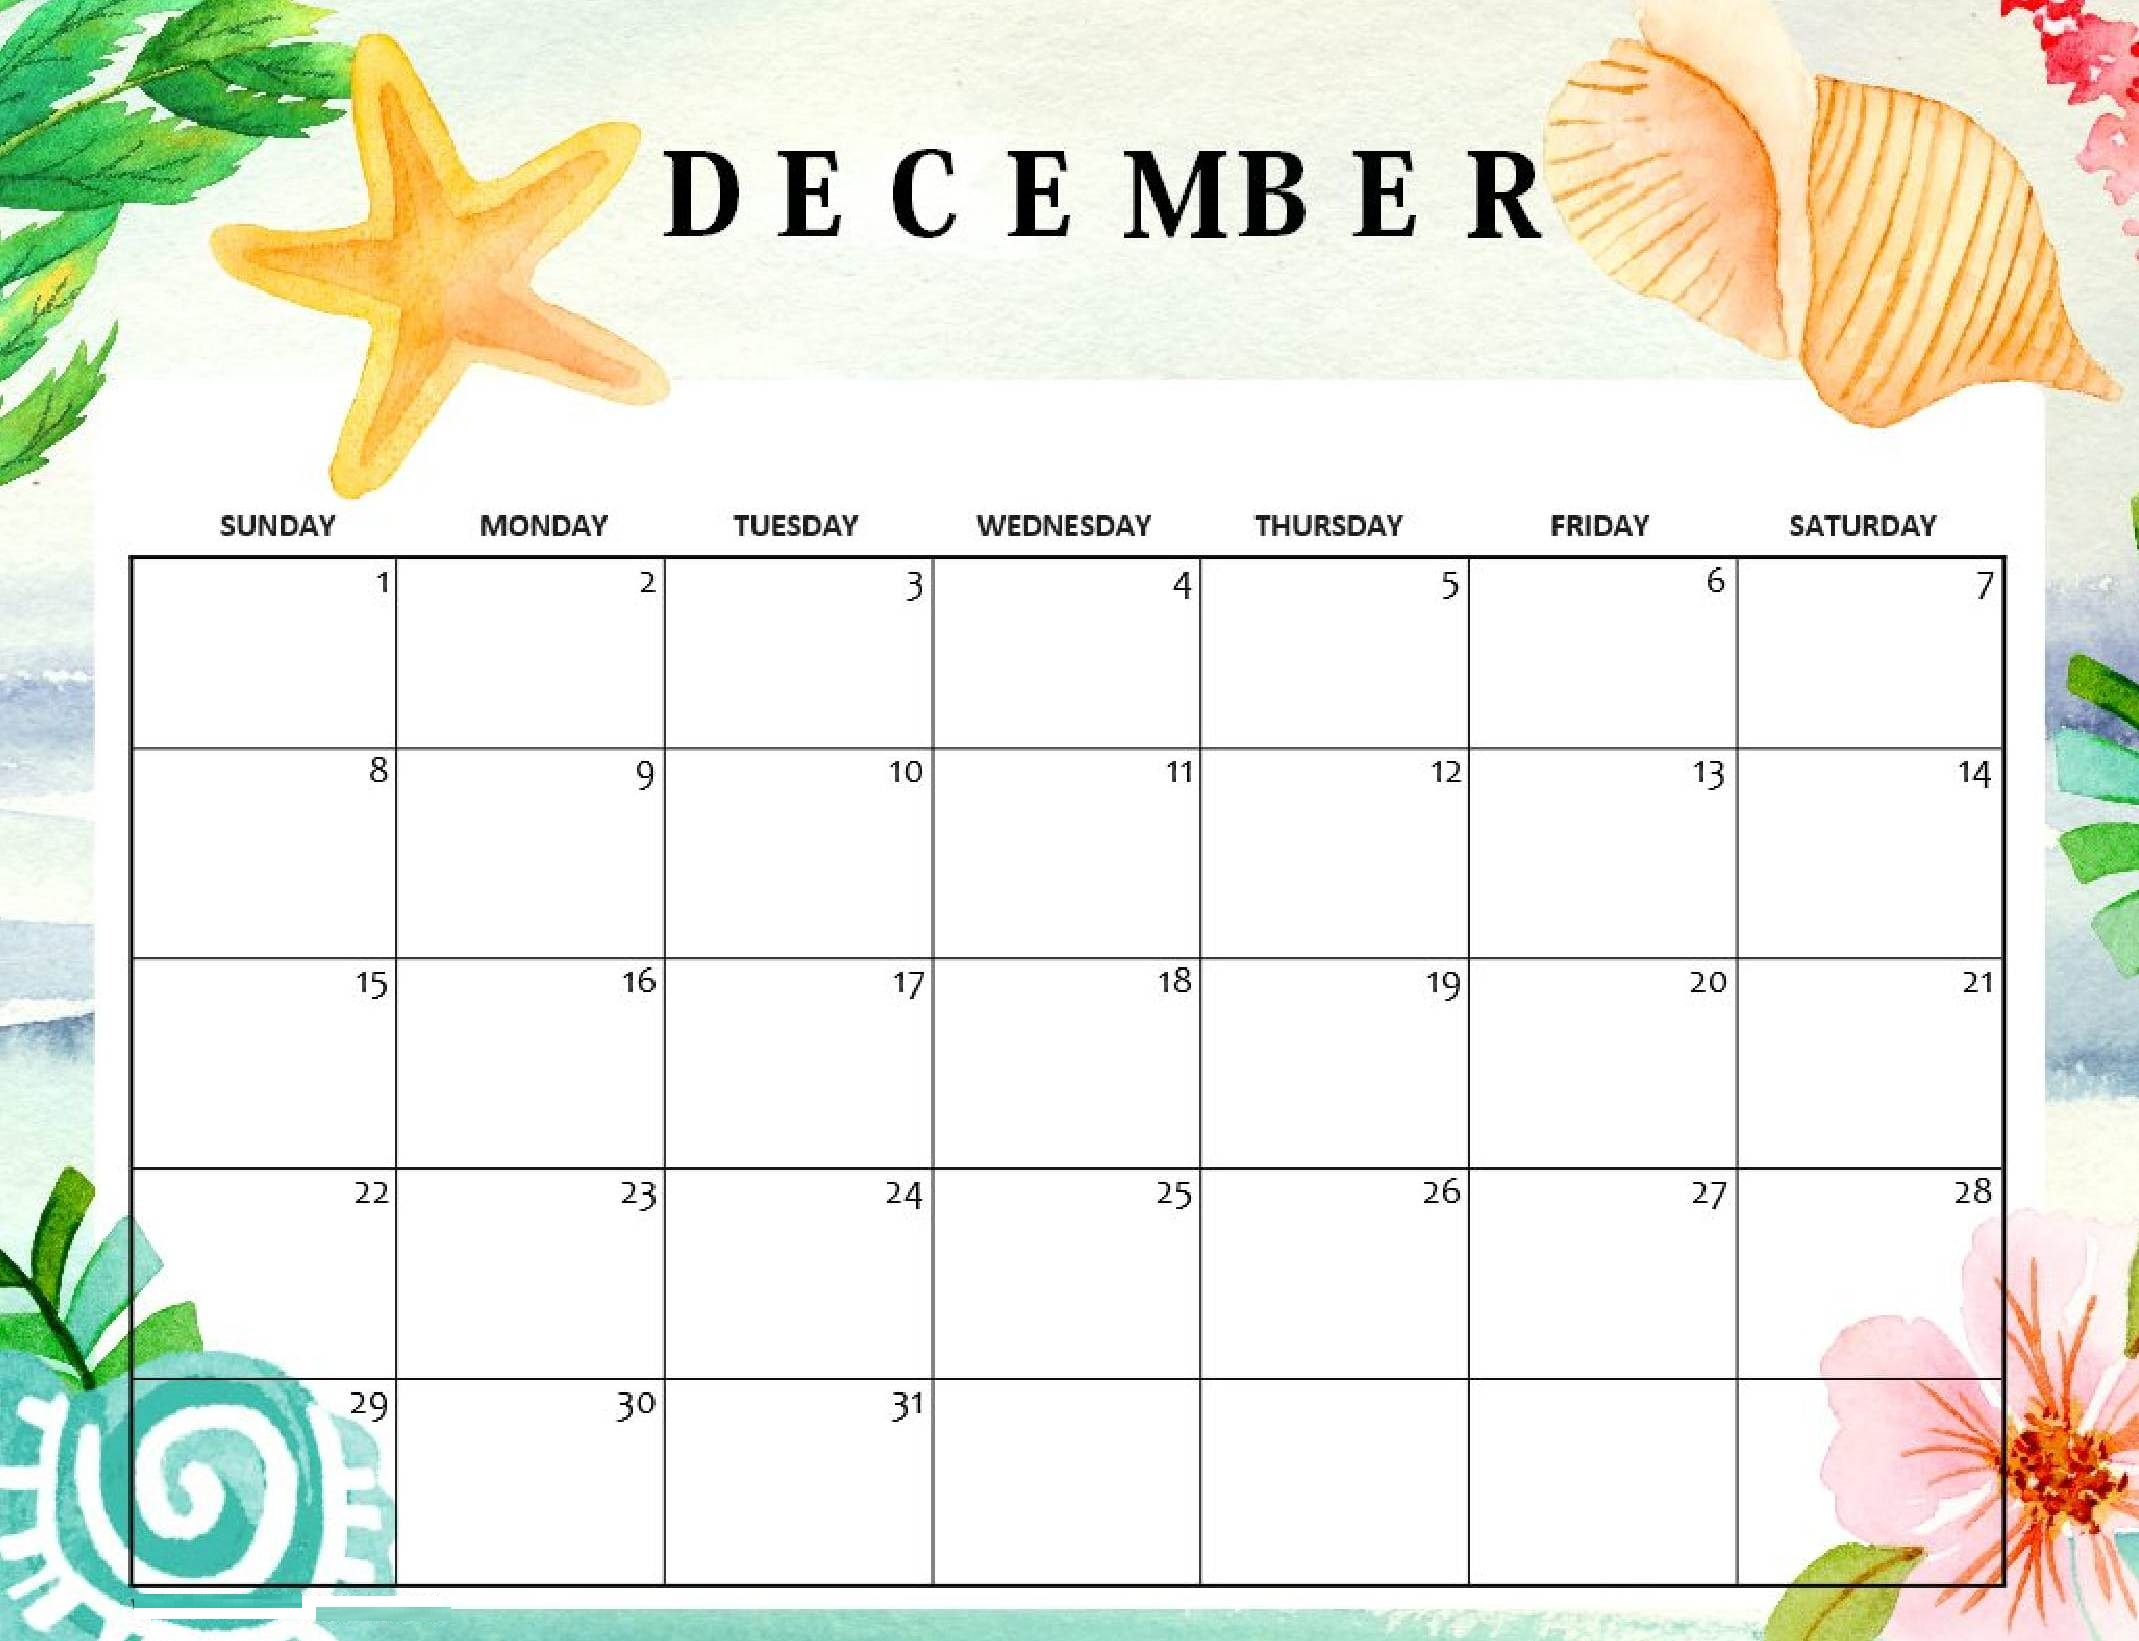 Free Printable December 2019 Calendar Excel Format - Set